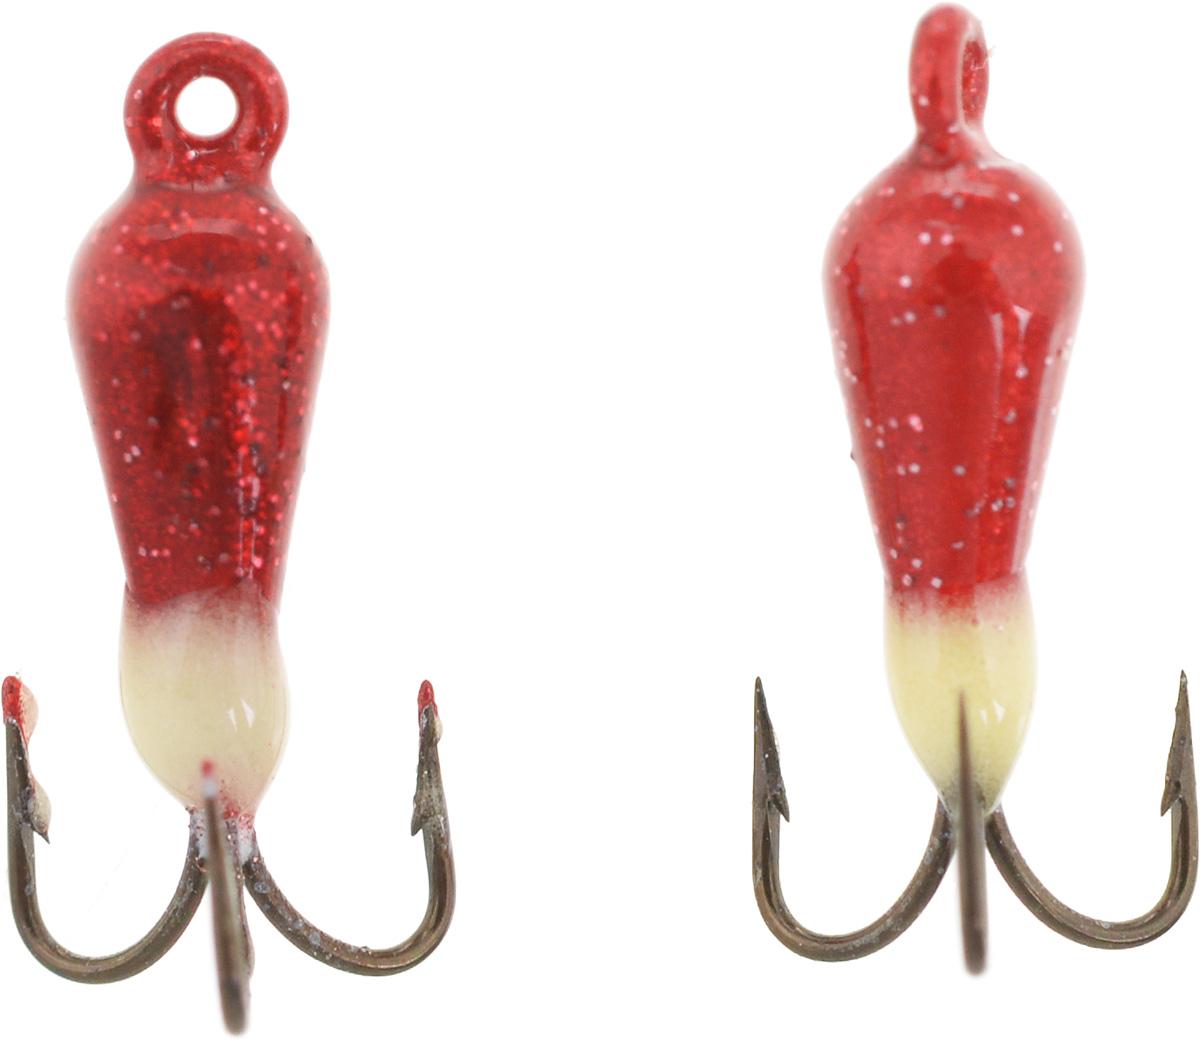 Чертик вольфрамовый Finnex, цвет: рубиновый, белый, 0,38 г, 2 шт50598Вольфрамовый чертик Finnex - одна из самых популярных приманок для ловли леща, плотвы и другой белой рыбы. Особенно хорошо работает приманка на всевозможных водохранилищах. Не пропустит ее и другая рыба, в том числе окунь, судак и щука.